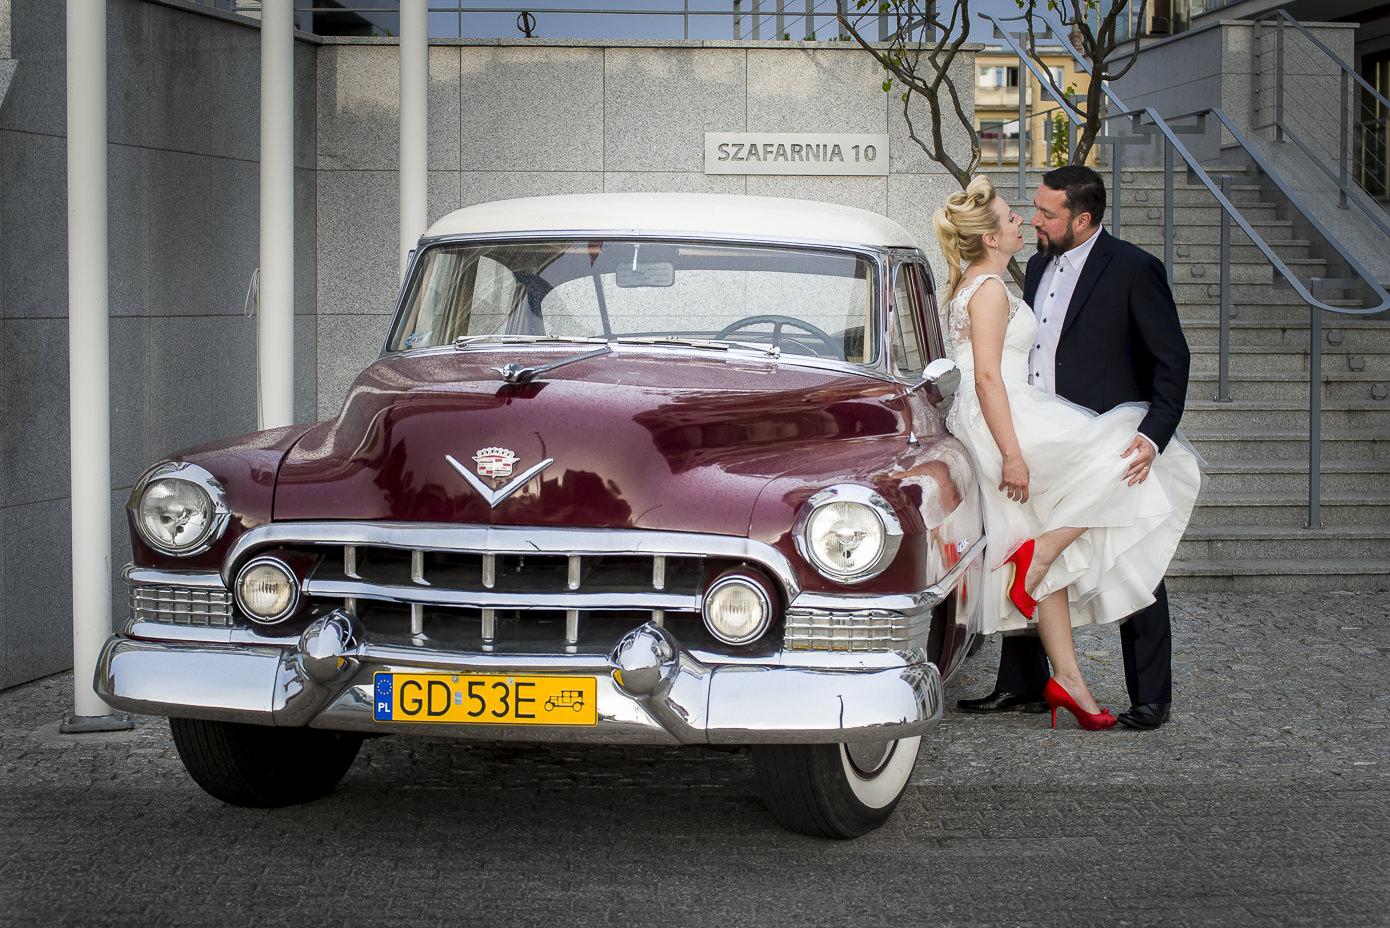 Fotografia Ślubna Trójmiasto zdjecia ślubne z pasją i pomysłem